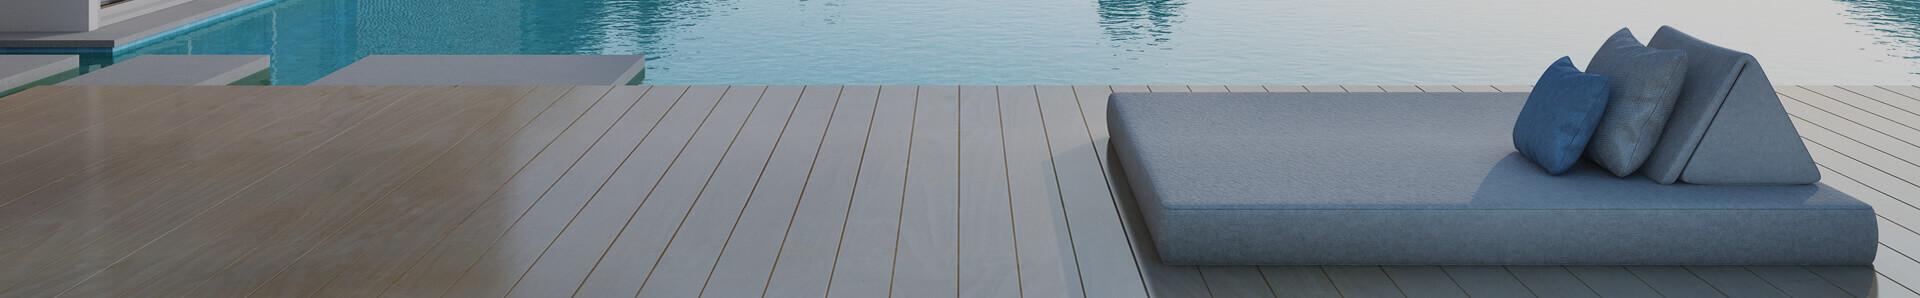 wasserbett entleeren und lagern in 5 schritten. Black Bedroom Furniture Sets. Home Design Ideas